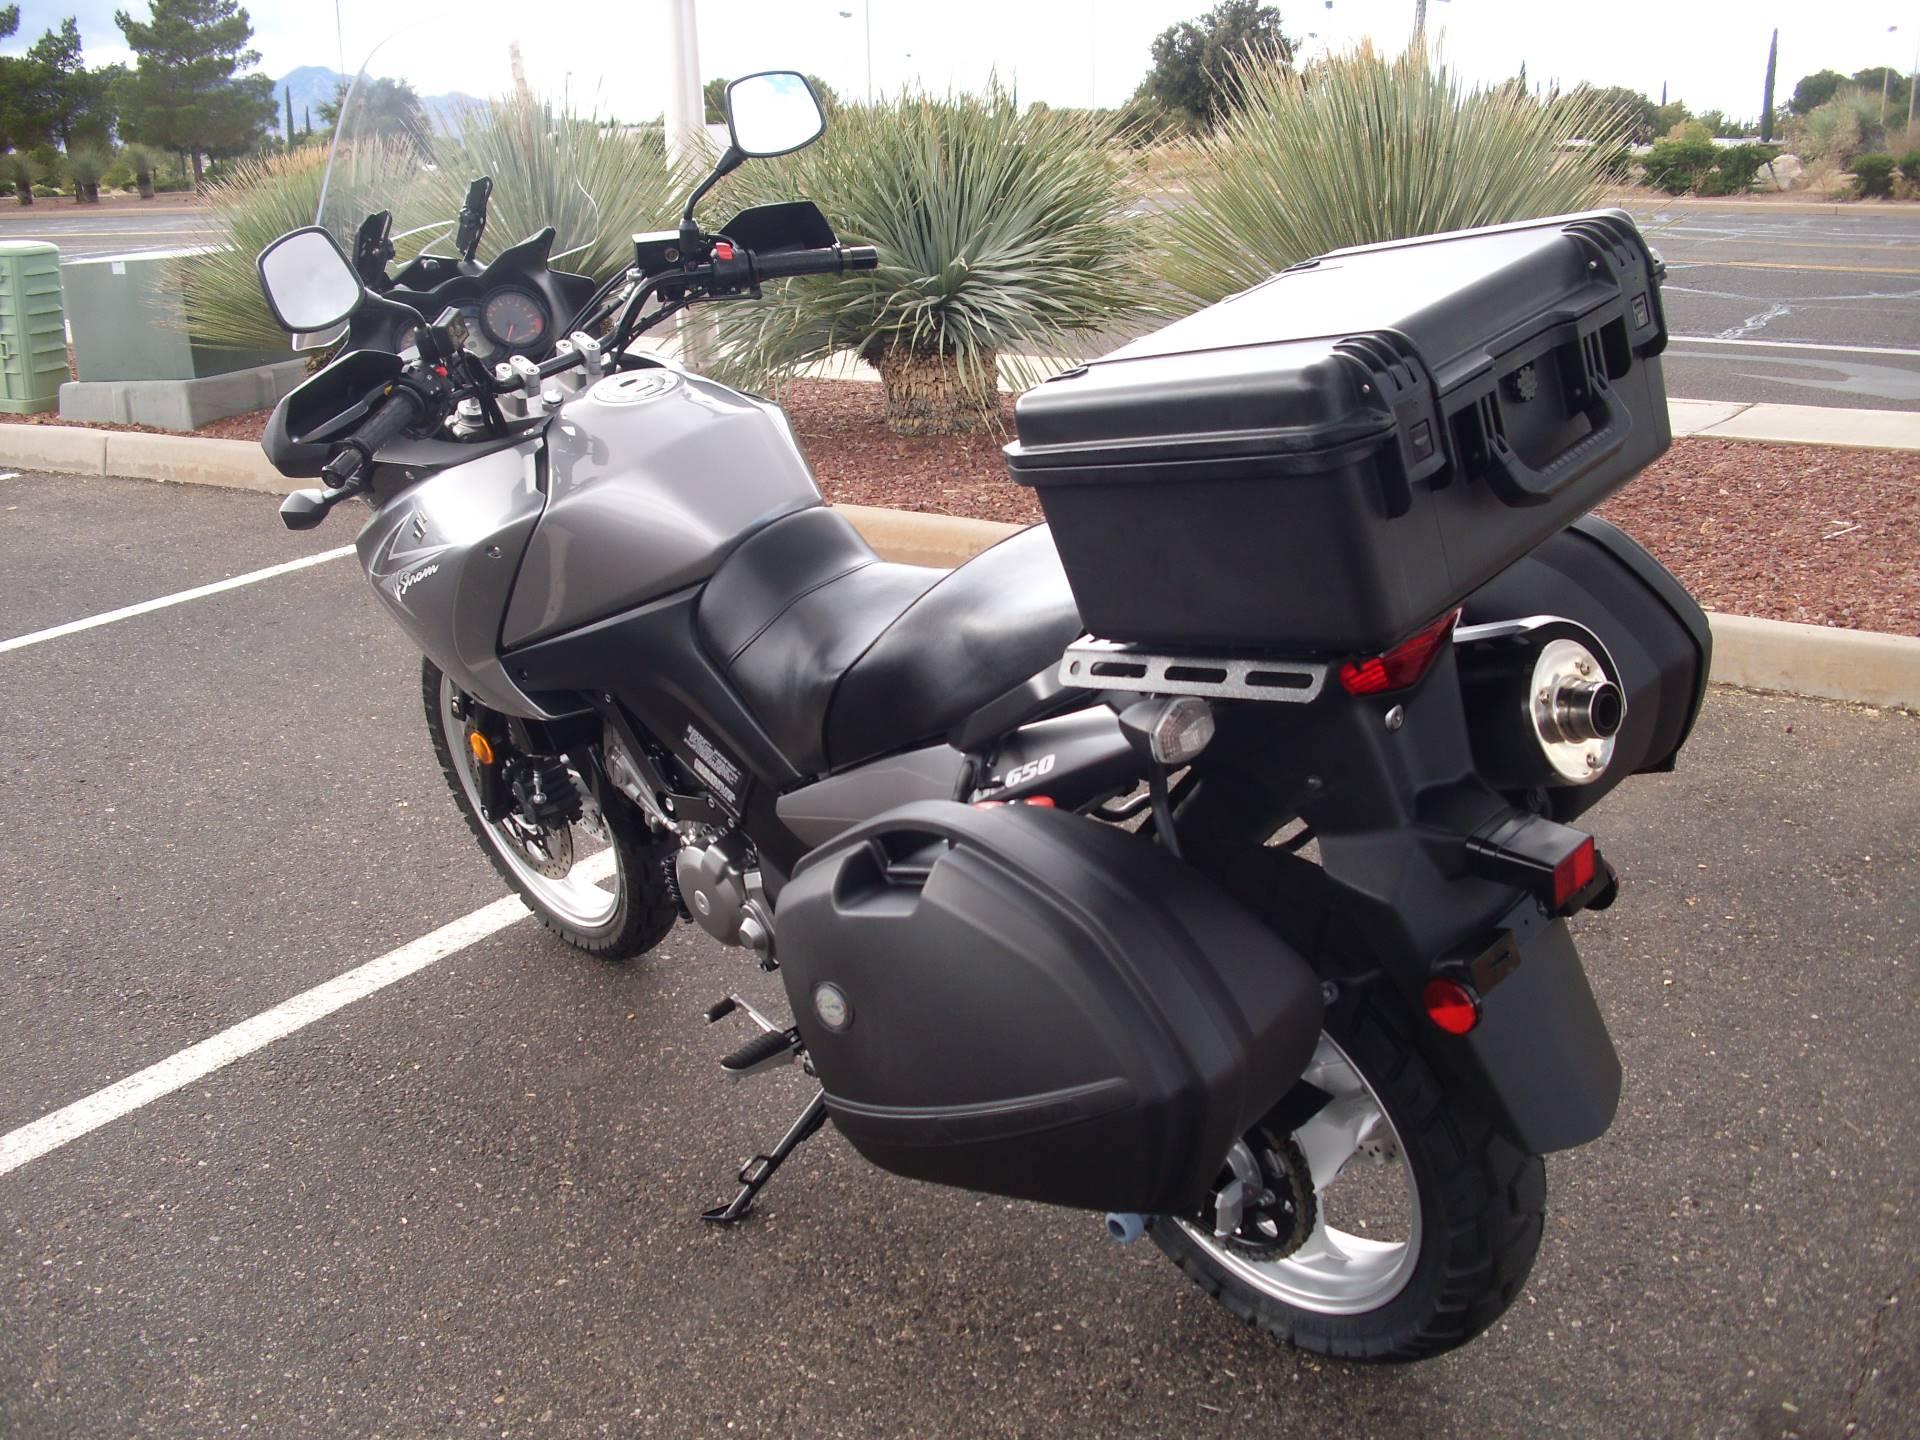 2009 Suzuki V-Strom 650 4